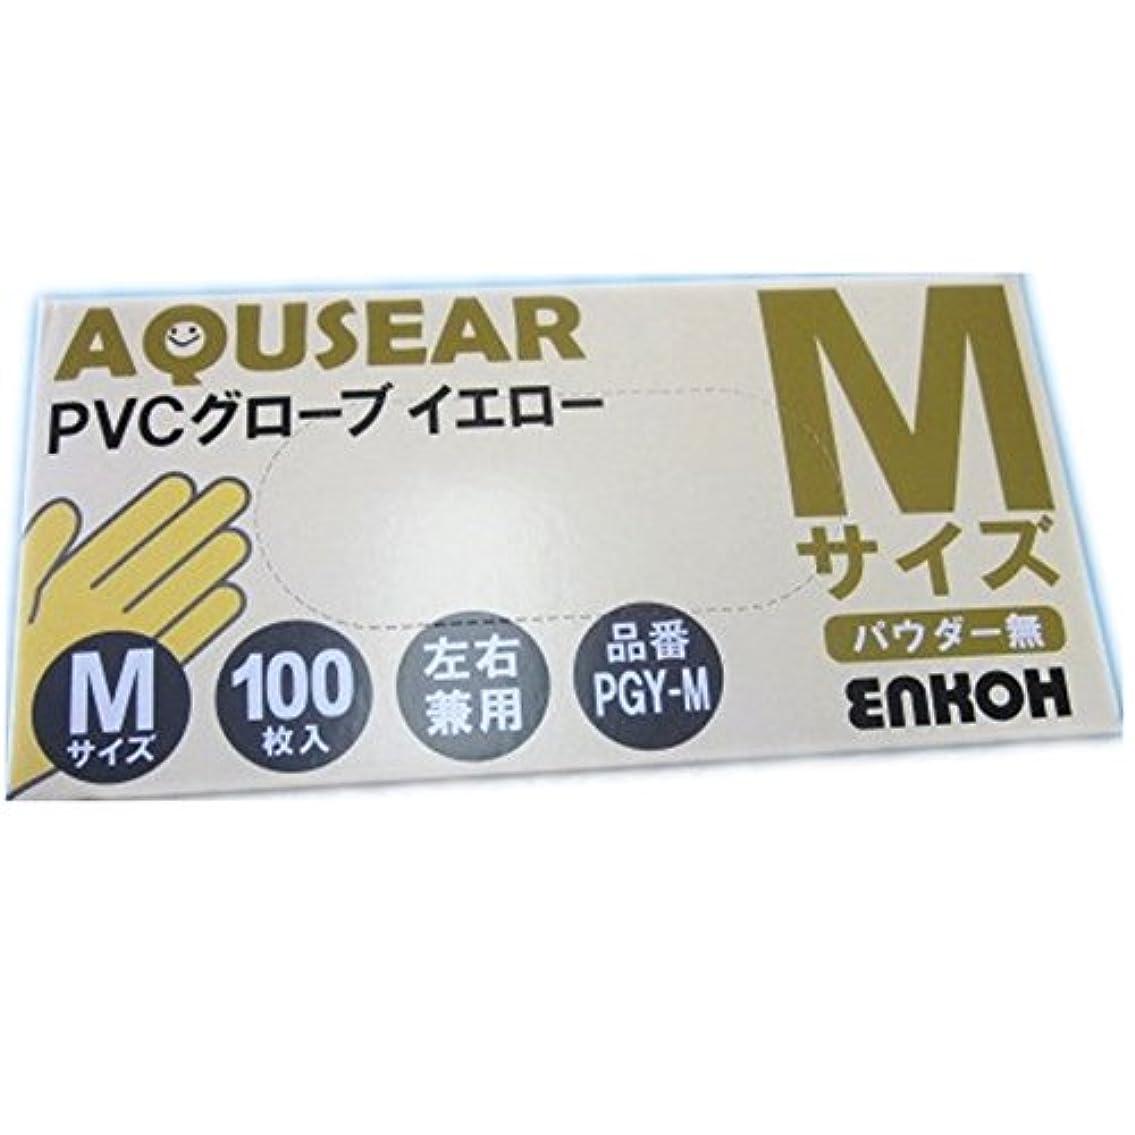 動物子音乱雑なAQUSEAR PVC プラスチックグローブ イエロー 弾性 Mサイズ パウダー無 PGY-M 100枚箱入